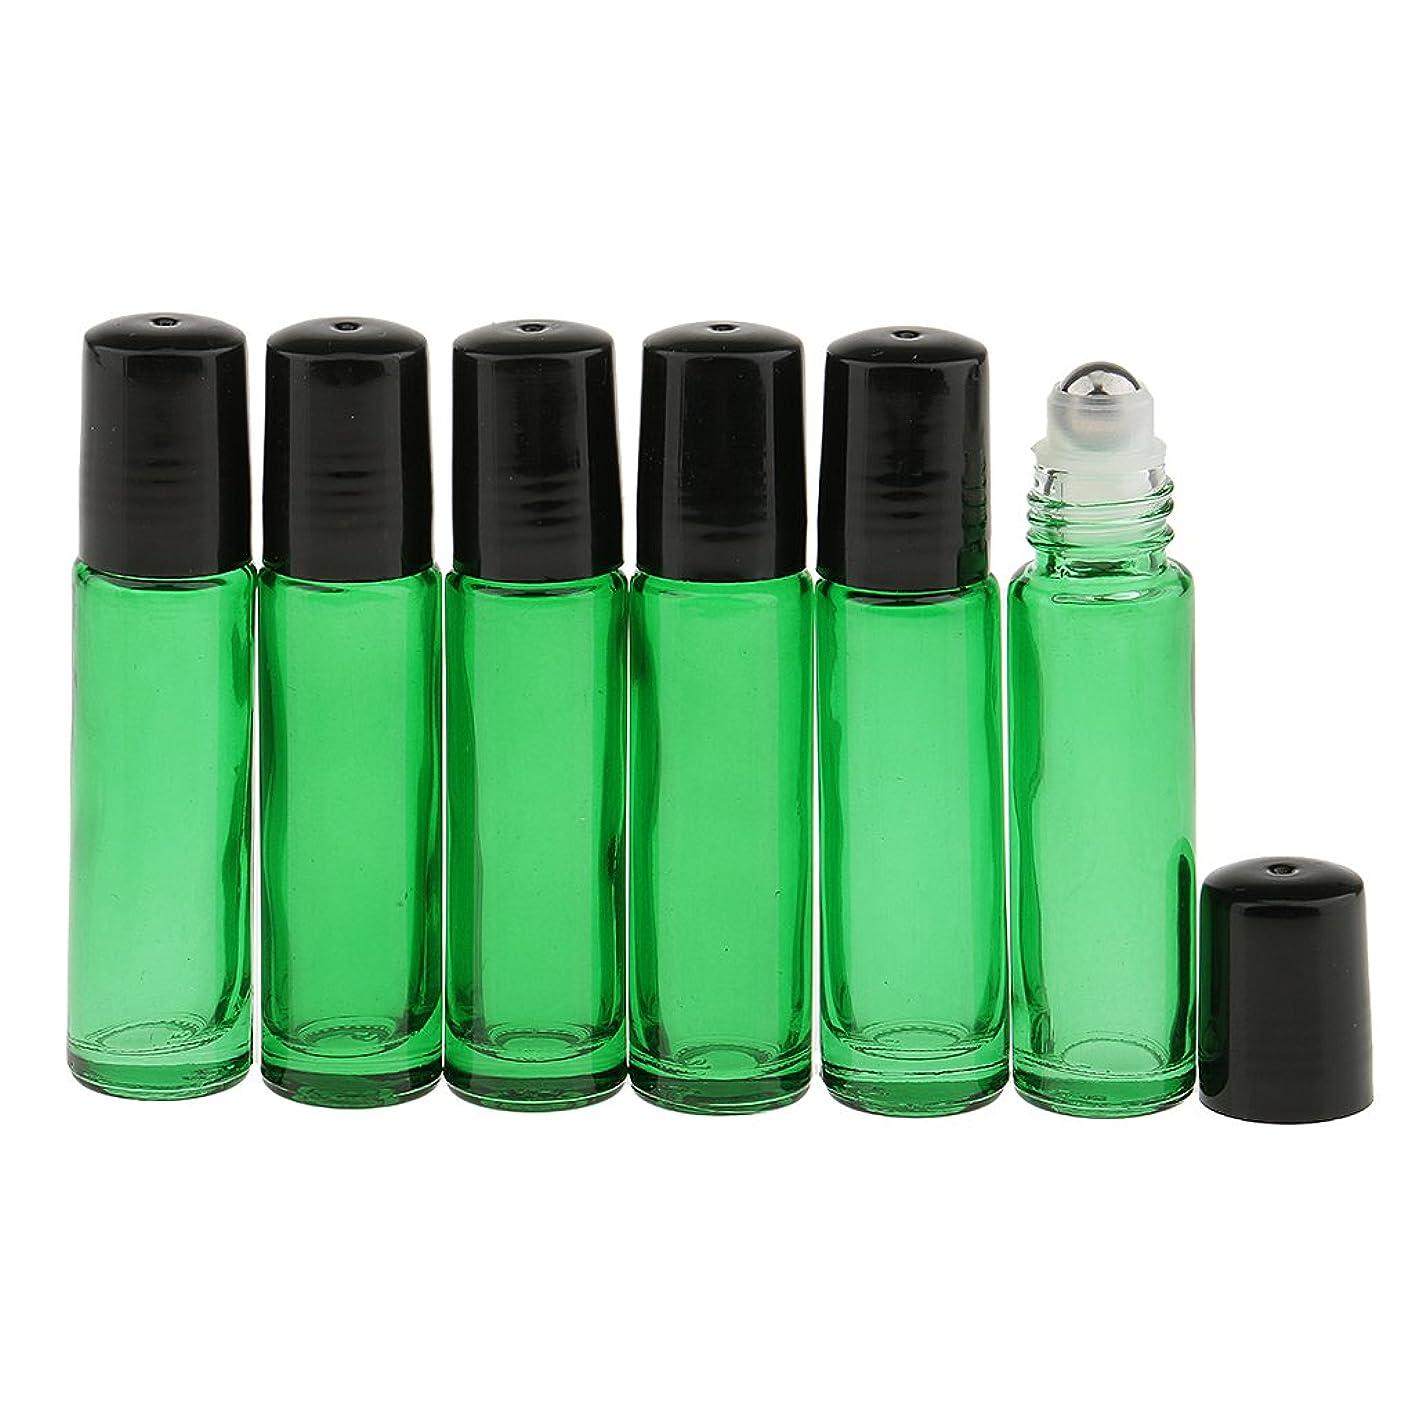 そこ創始者乏しいCUTICATE エッセンシャルオイルボトル 香水ボトル 化粧ボトル ガラスロール 6本セット 10ml 旅行小物 多色選べ - 緑